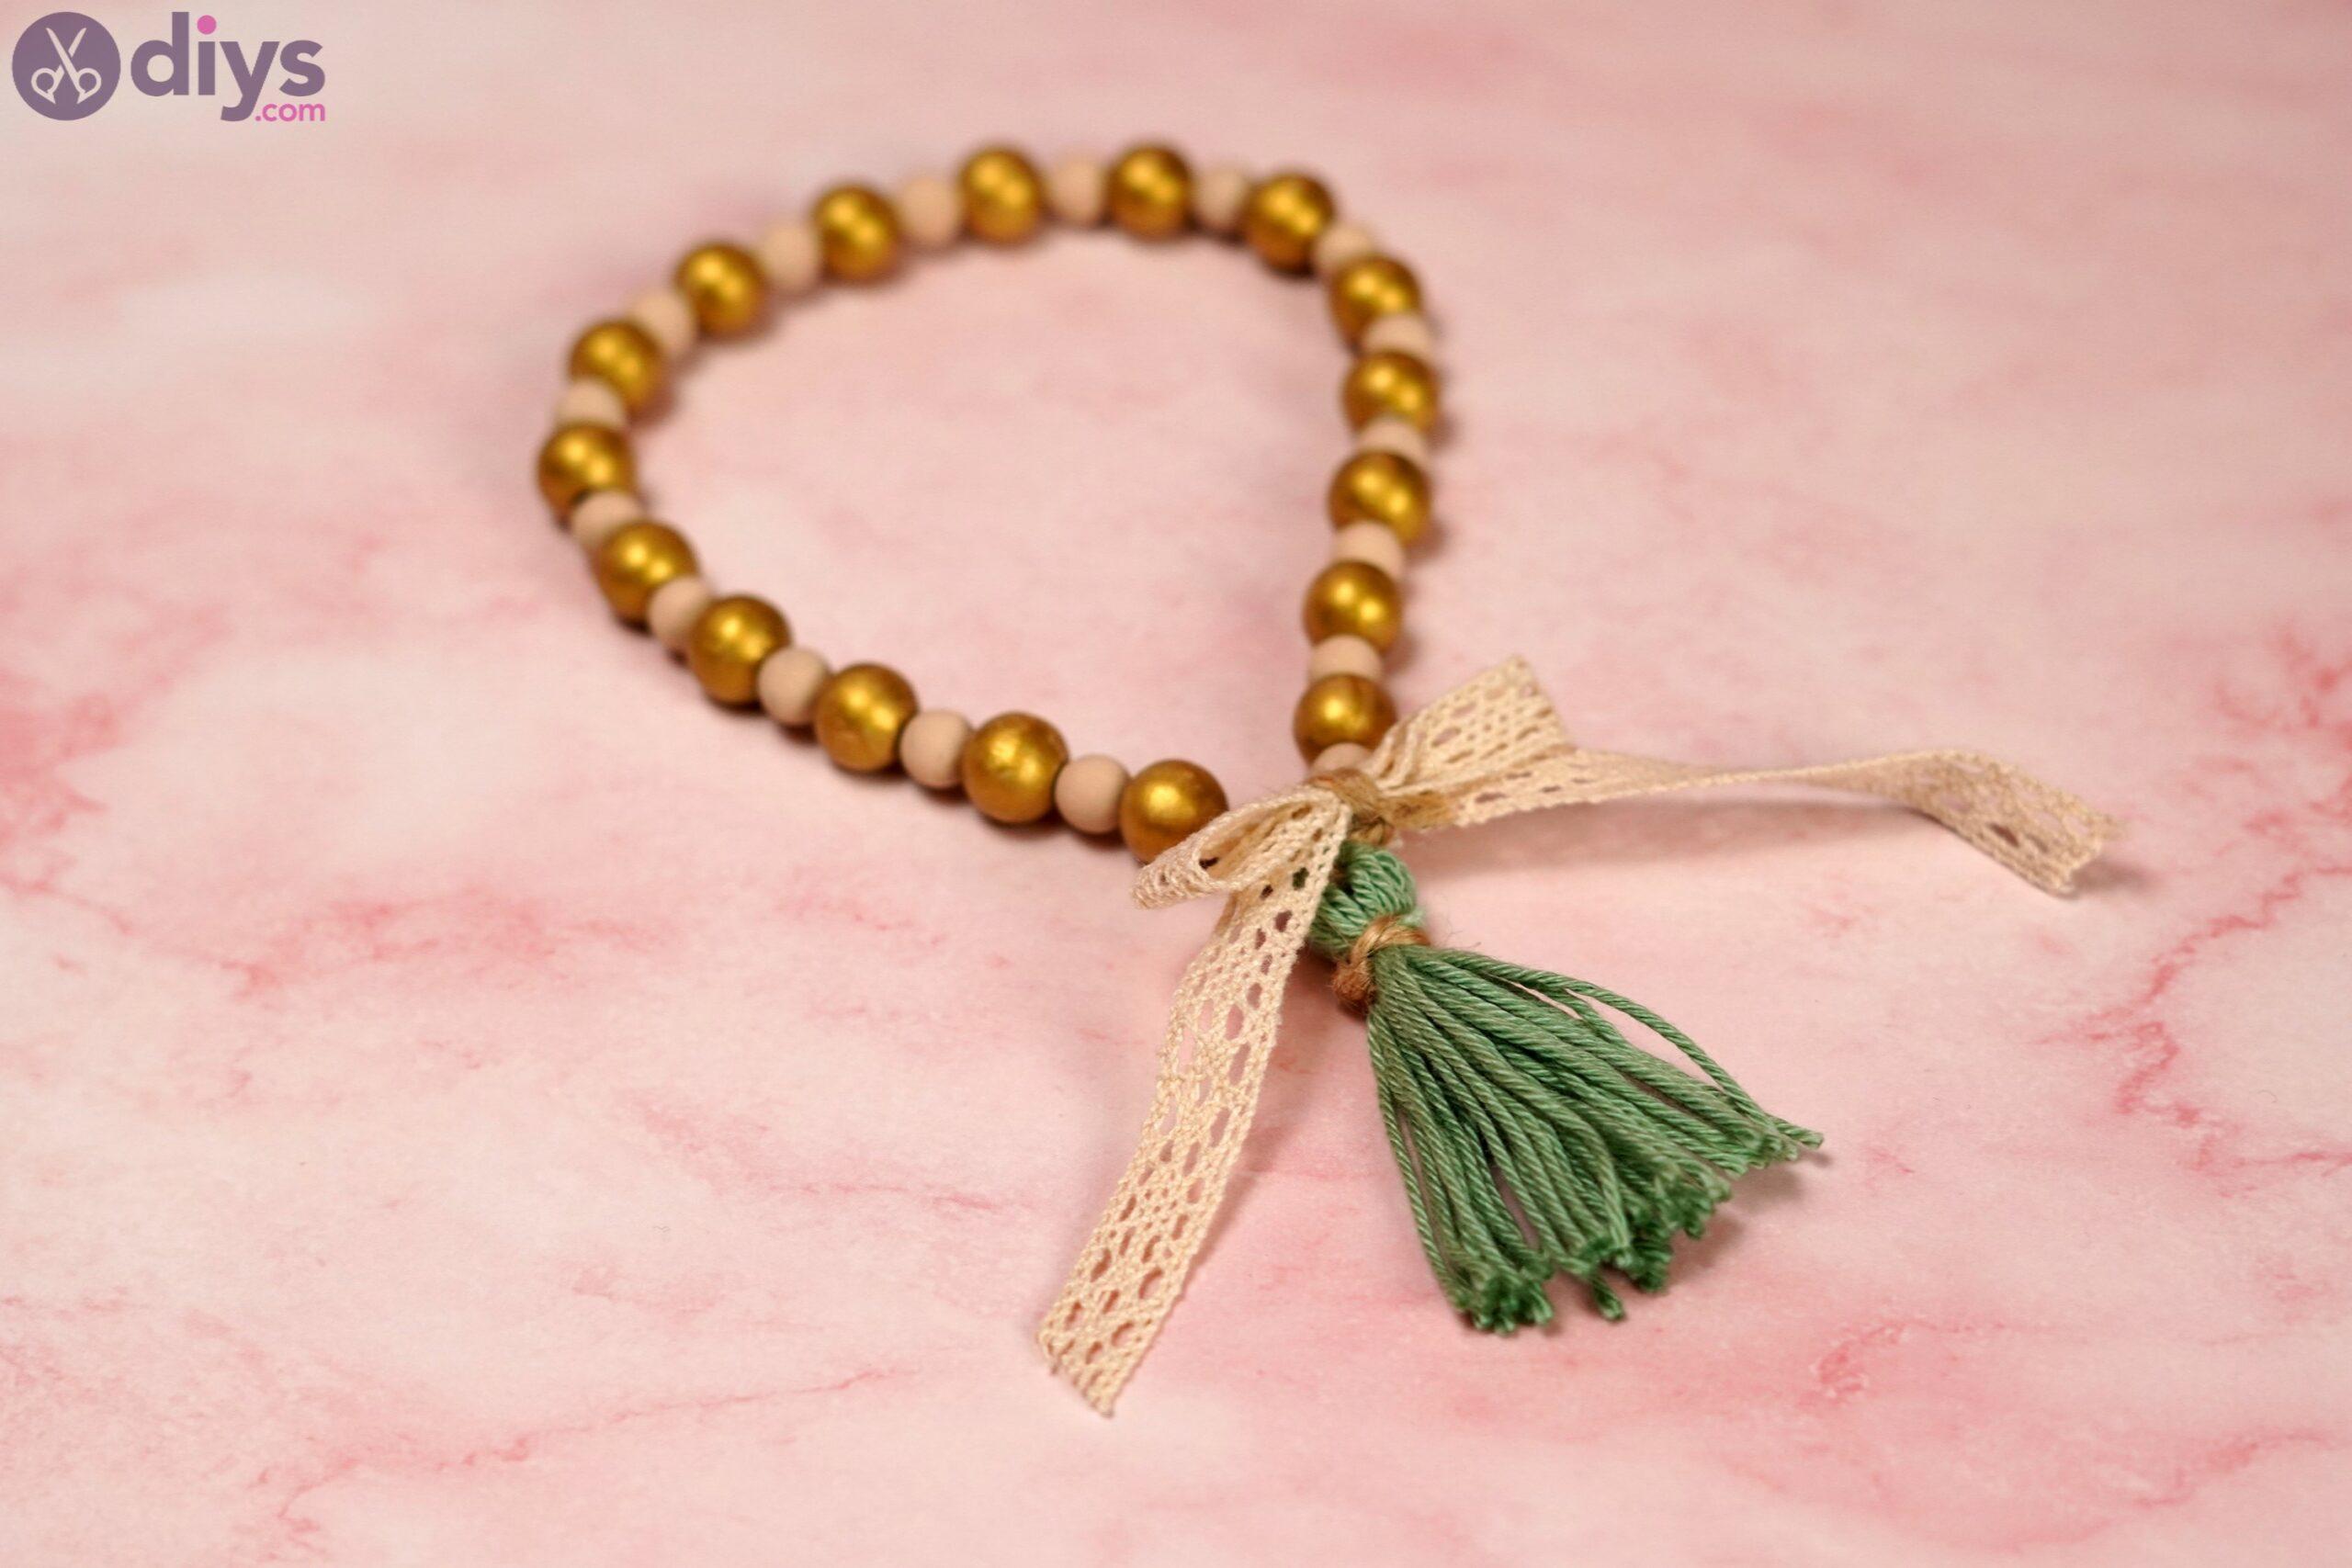 Wooden bead curtain tieback photos (7)